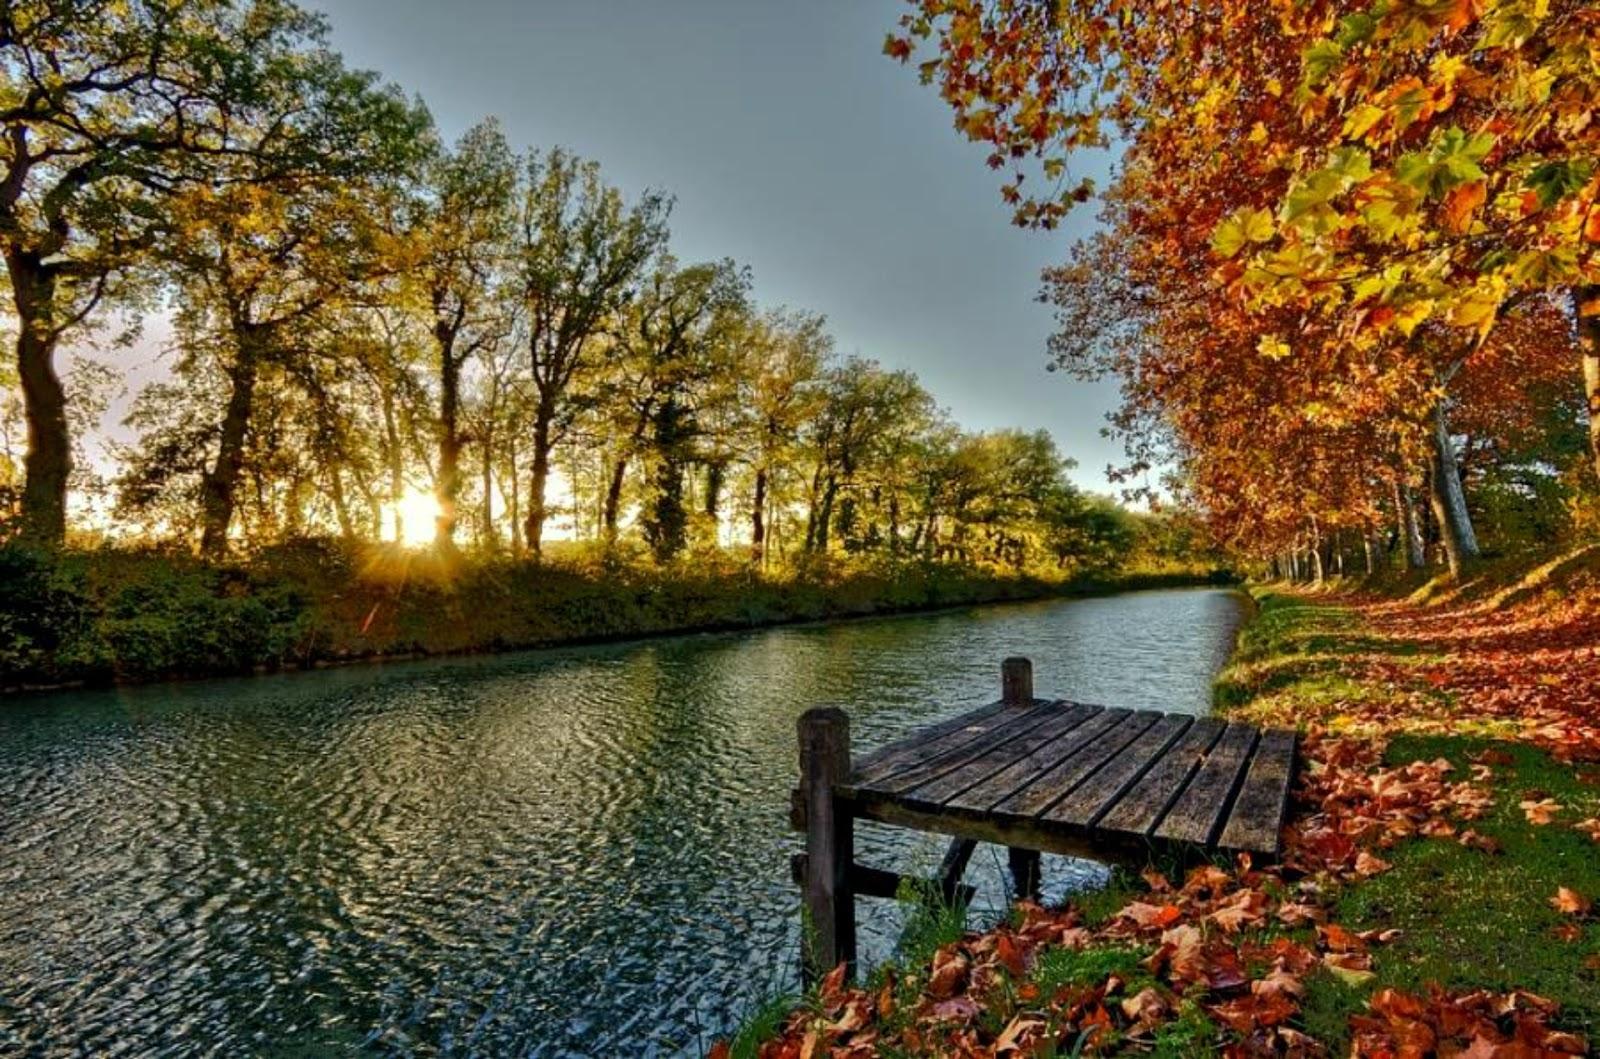 صورة اجمل الصور الطبيعية في العالم , مناظر طبيعية خلابة 4055 3